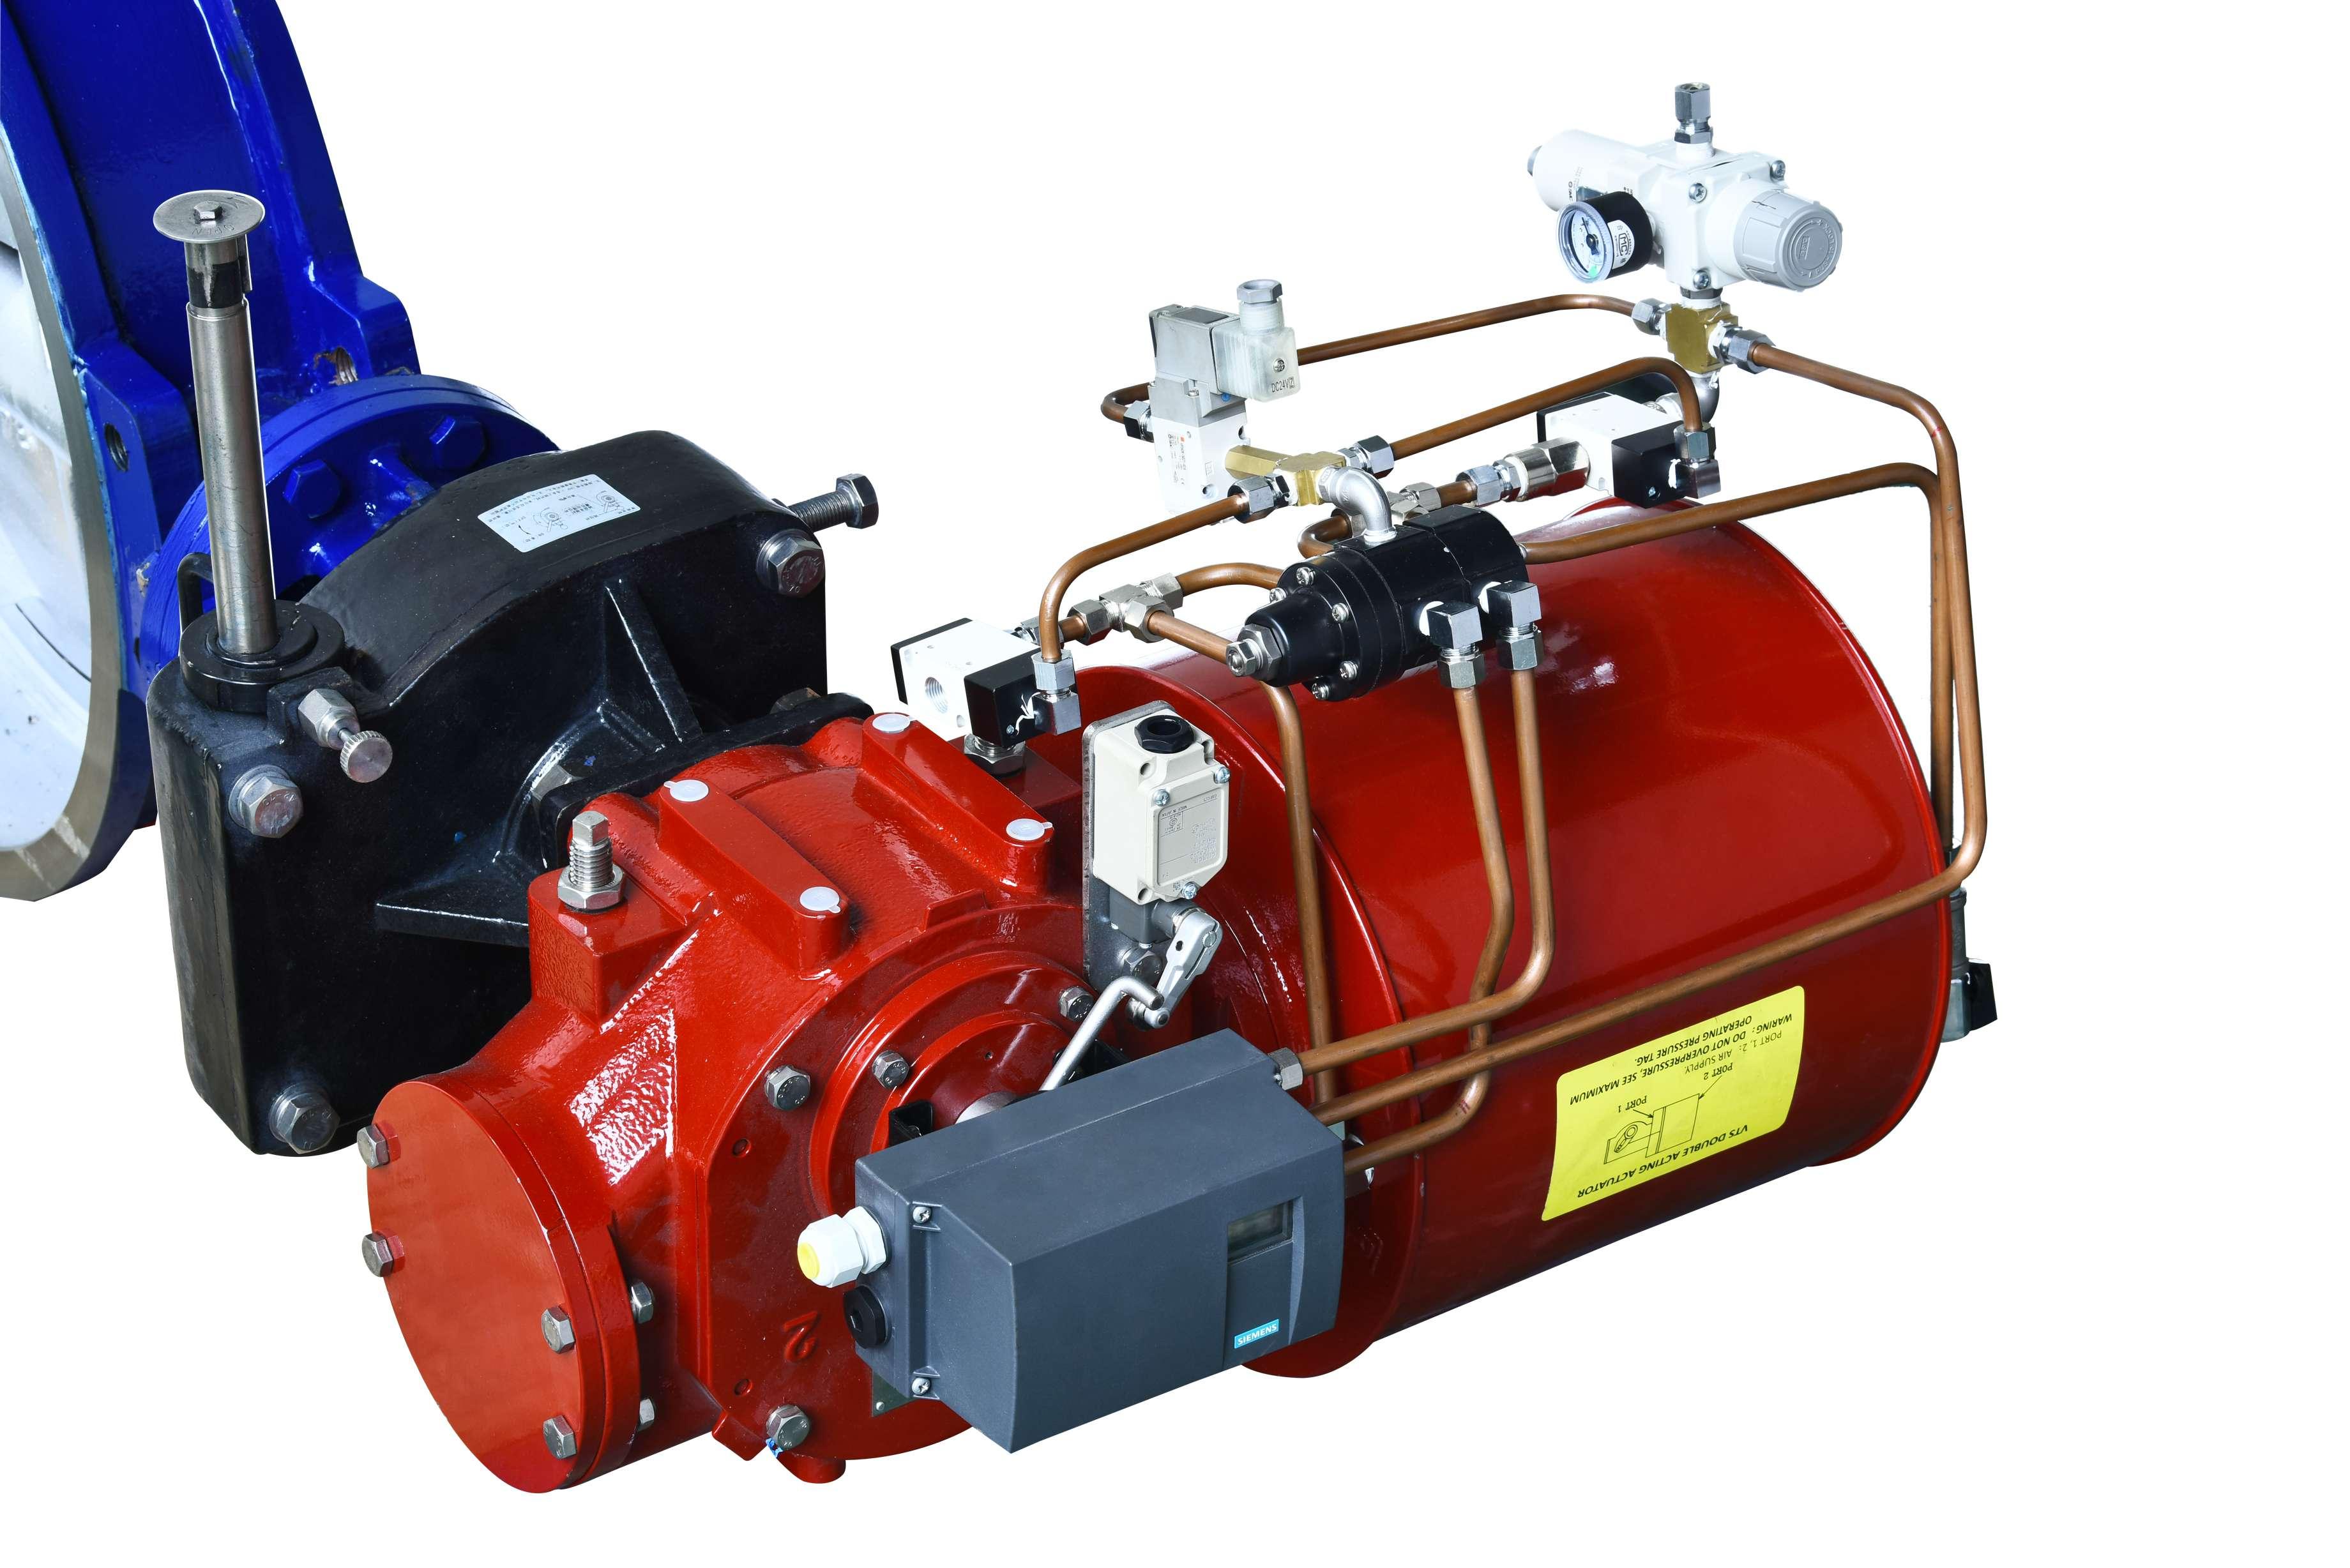 2#加热炉主管路煤气气动对夹式切断阀 GTZSSWm-10P DN800 PN10不锈钢阀体,密封采用四氟加不锈钢切片密封,阀板带自刮功能,配手动机构,智能定位器